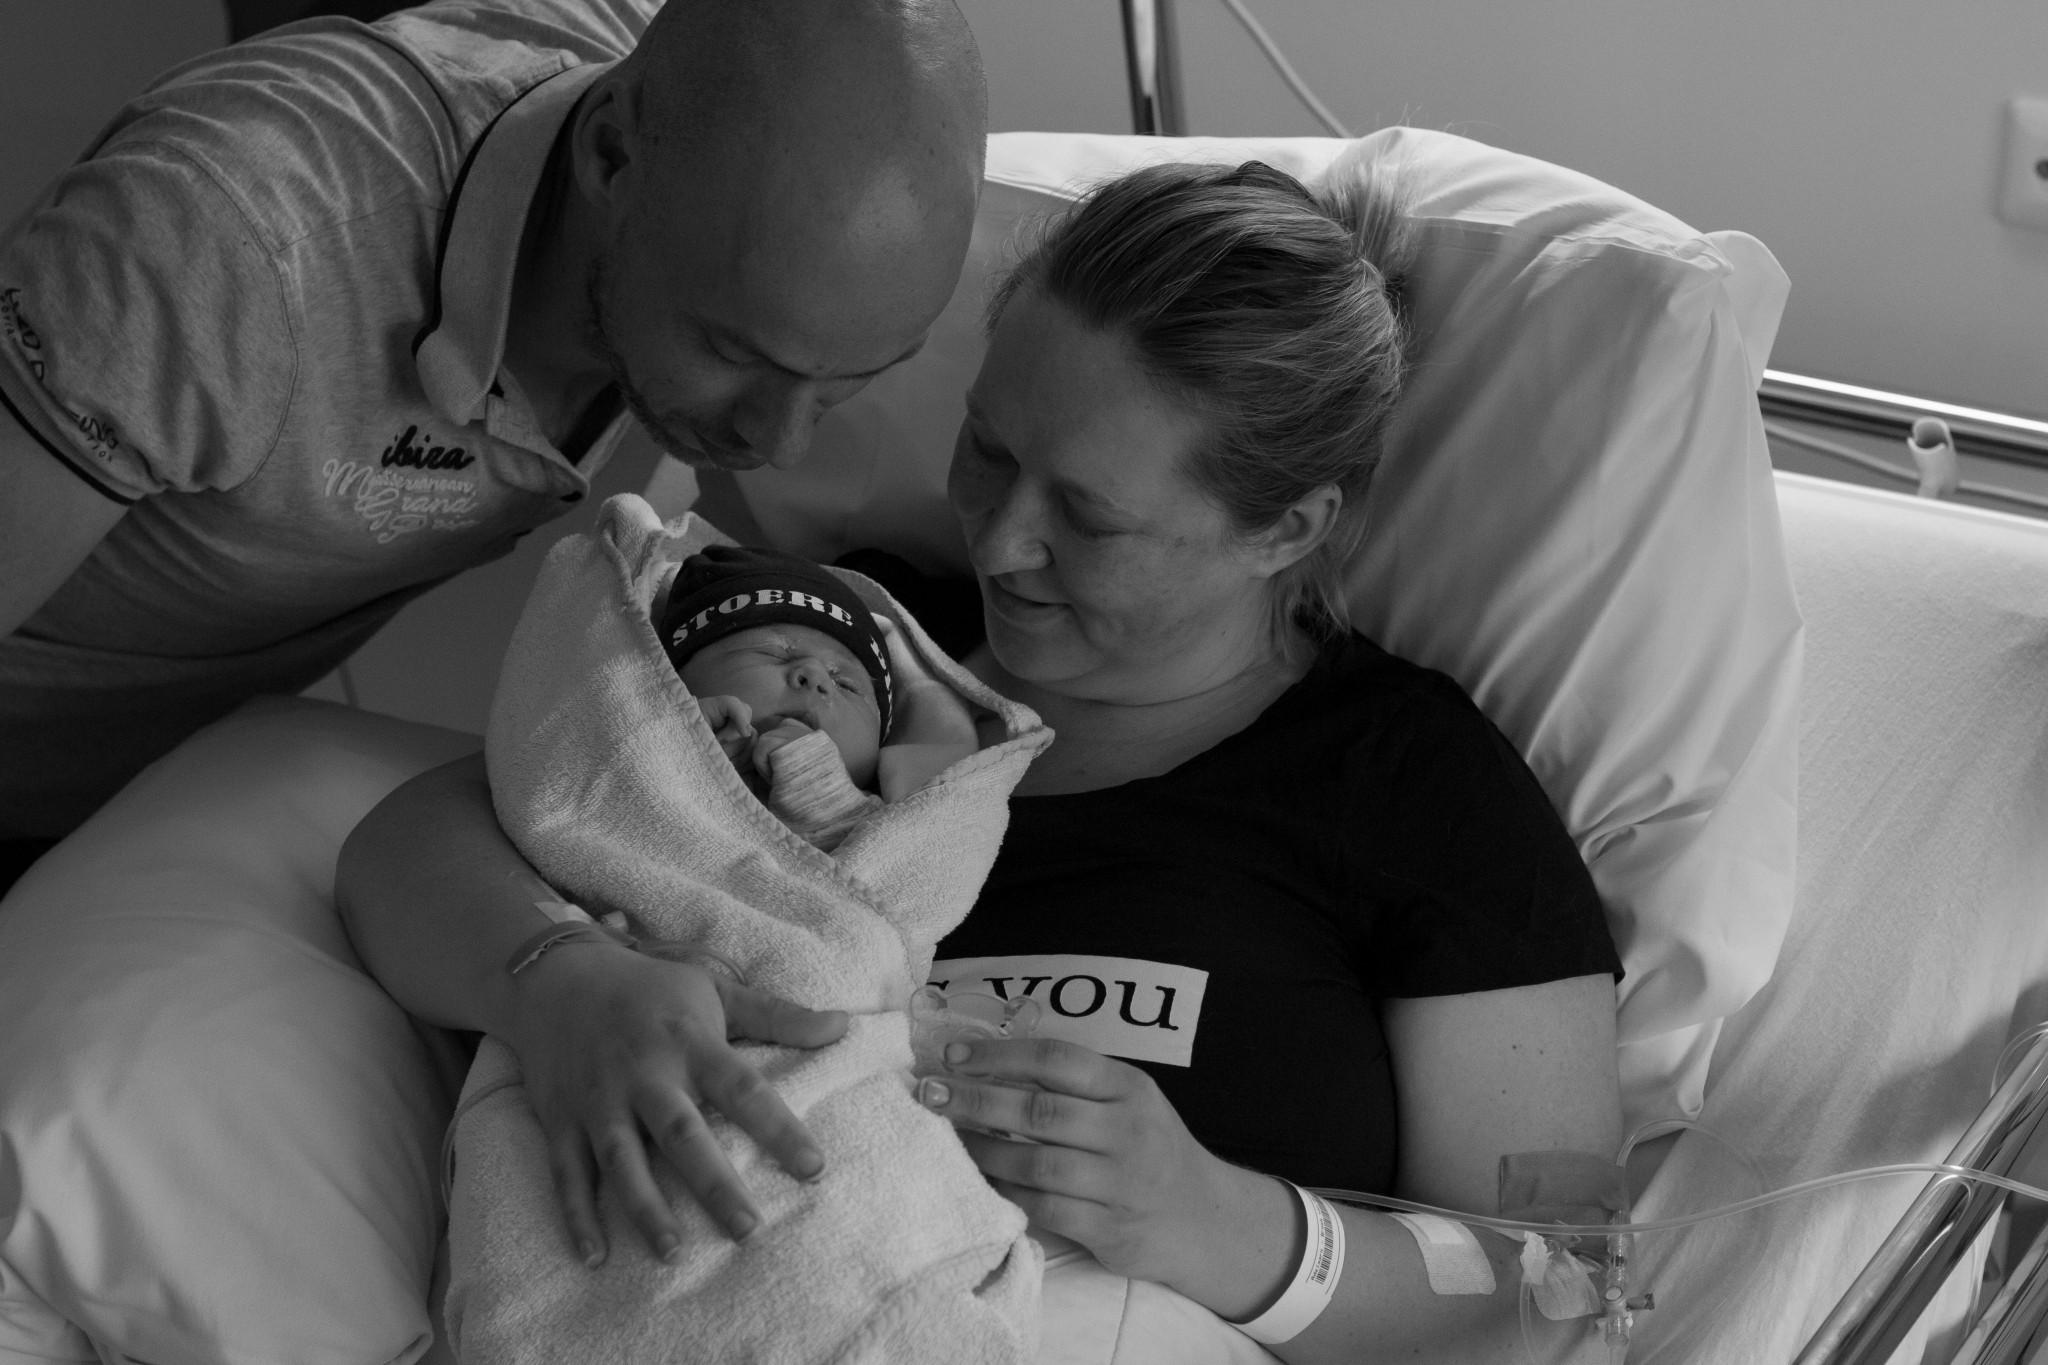 Bijzondere verhalen #12 - Nicole d'r zoontje heeft een schildklier afwijking